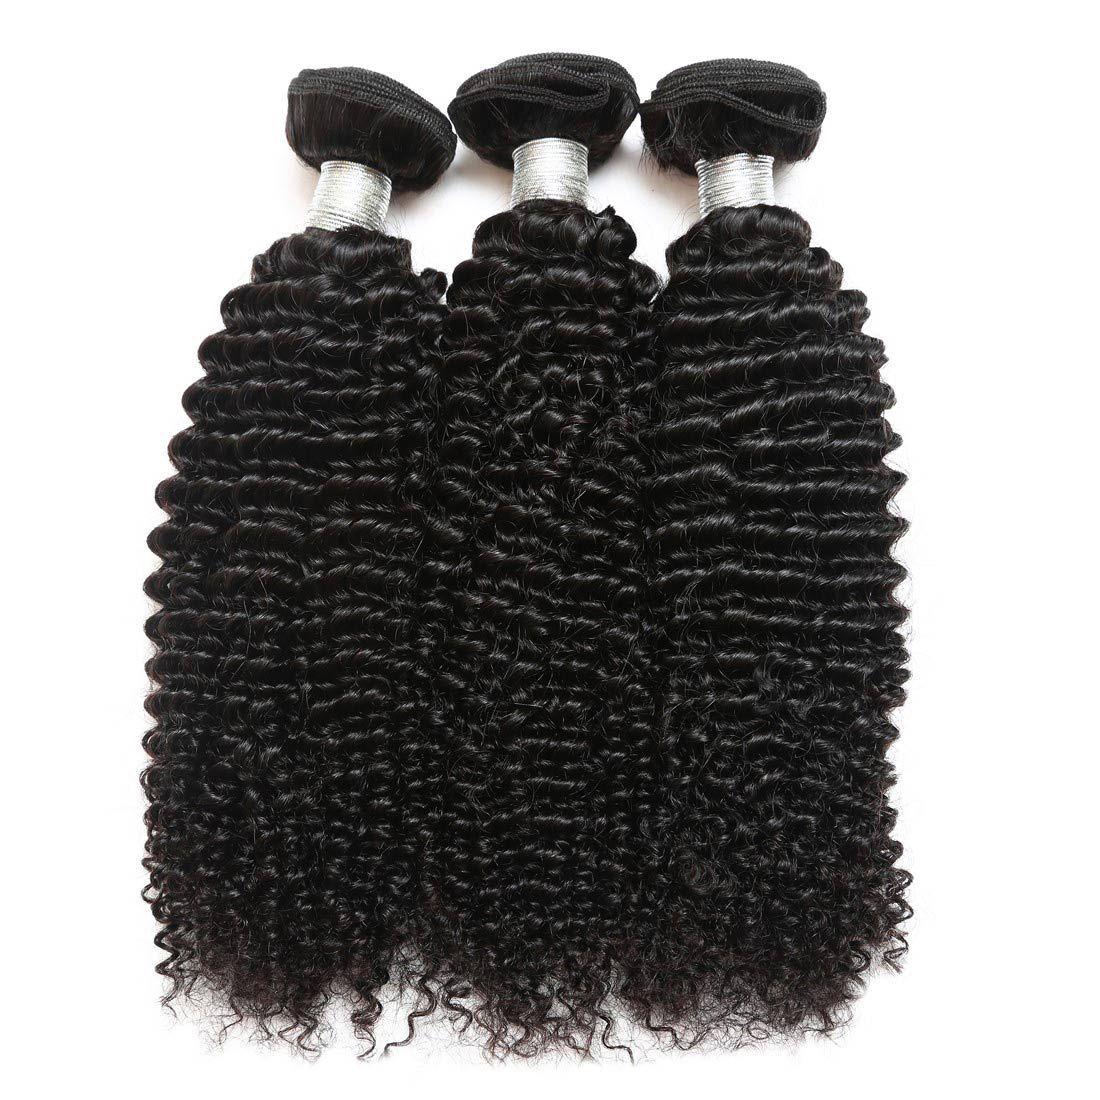 سعر المصنع أعلى جودة 12a مستقيم الجسم فضفاض عميق مجعد موجة المياه الخام الشعر البشري 3 حزم 8-30 بوصة البرازيلي بيرو الماليزية الشعر